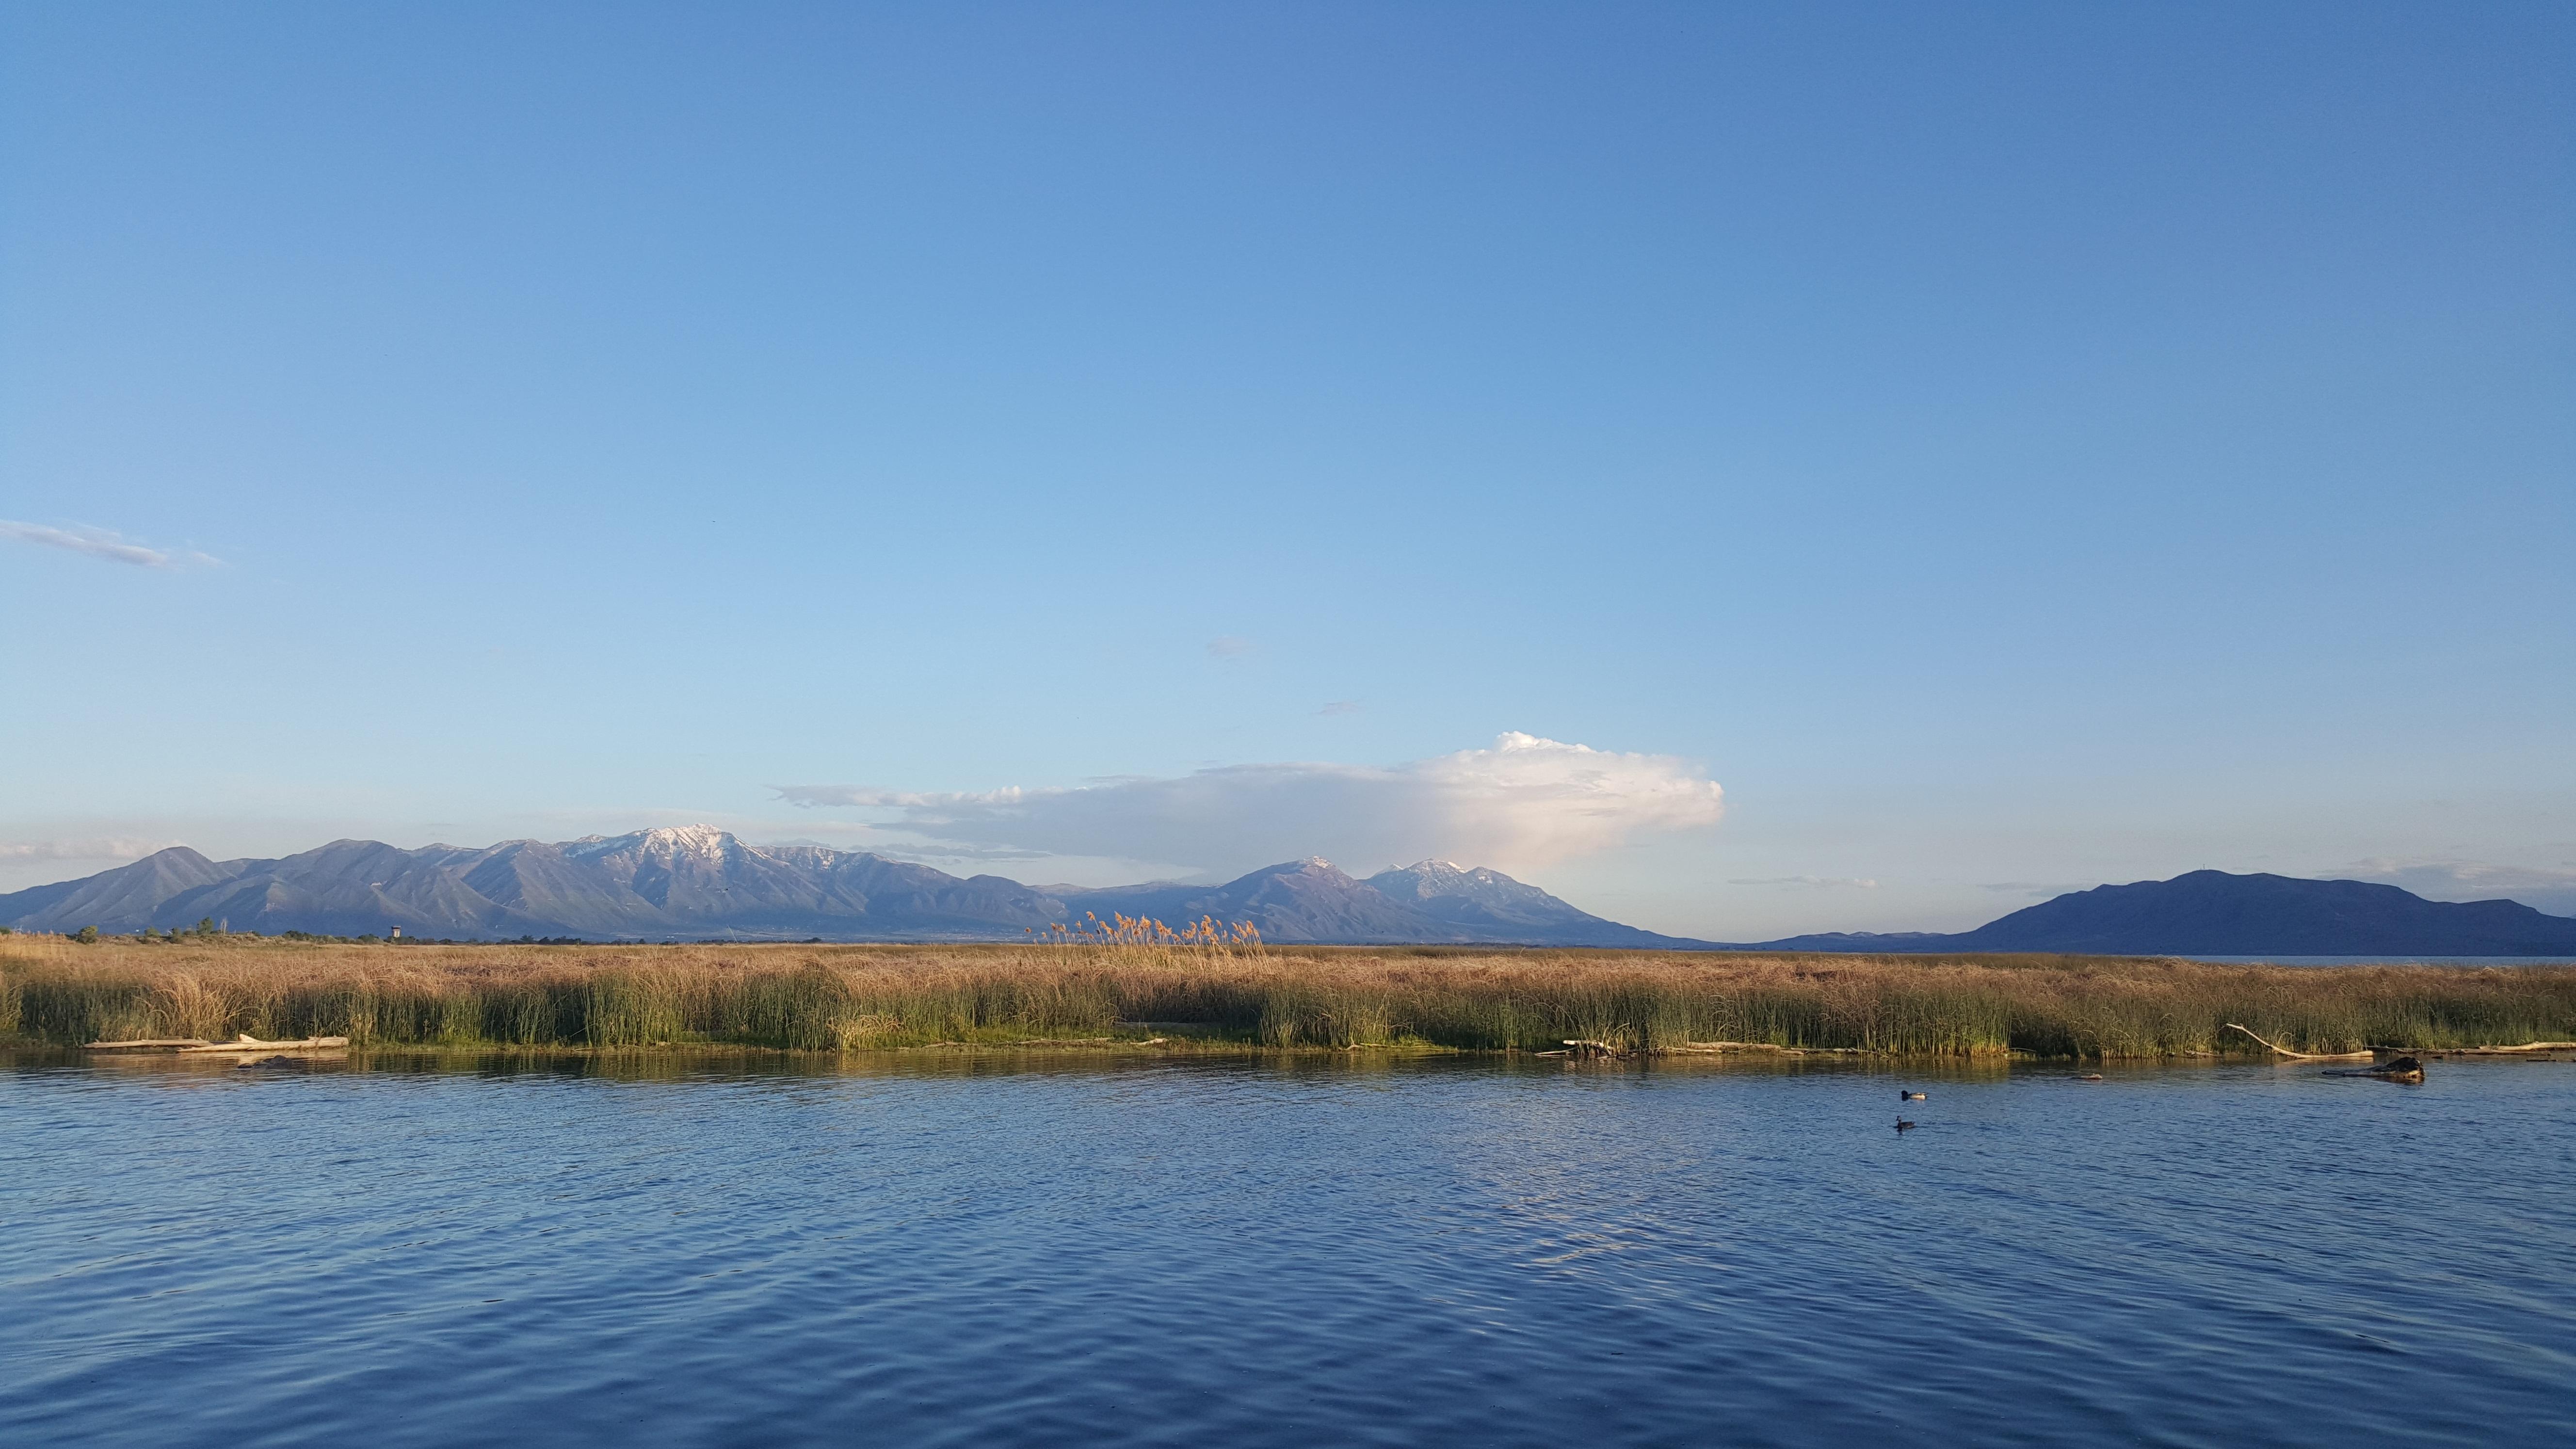 91554 papel de parede 1080x2400 em seu telefone gratuitamente, baixe imagens Natureza, Eua, Lago, Utah, Estados Unidos, América 1080x2400 em seu celular